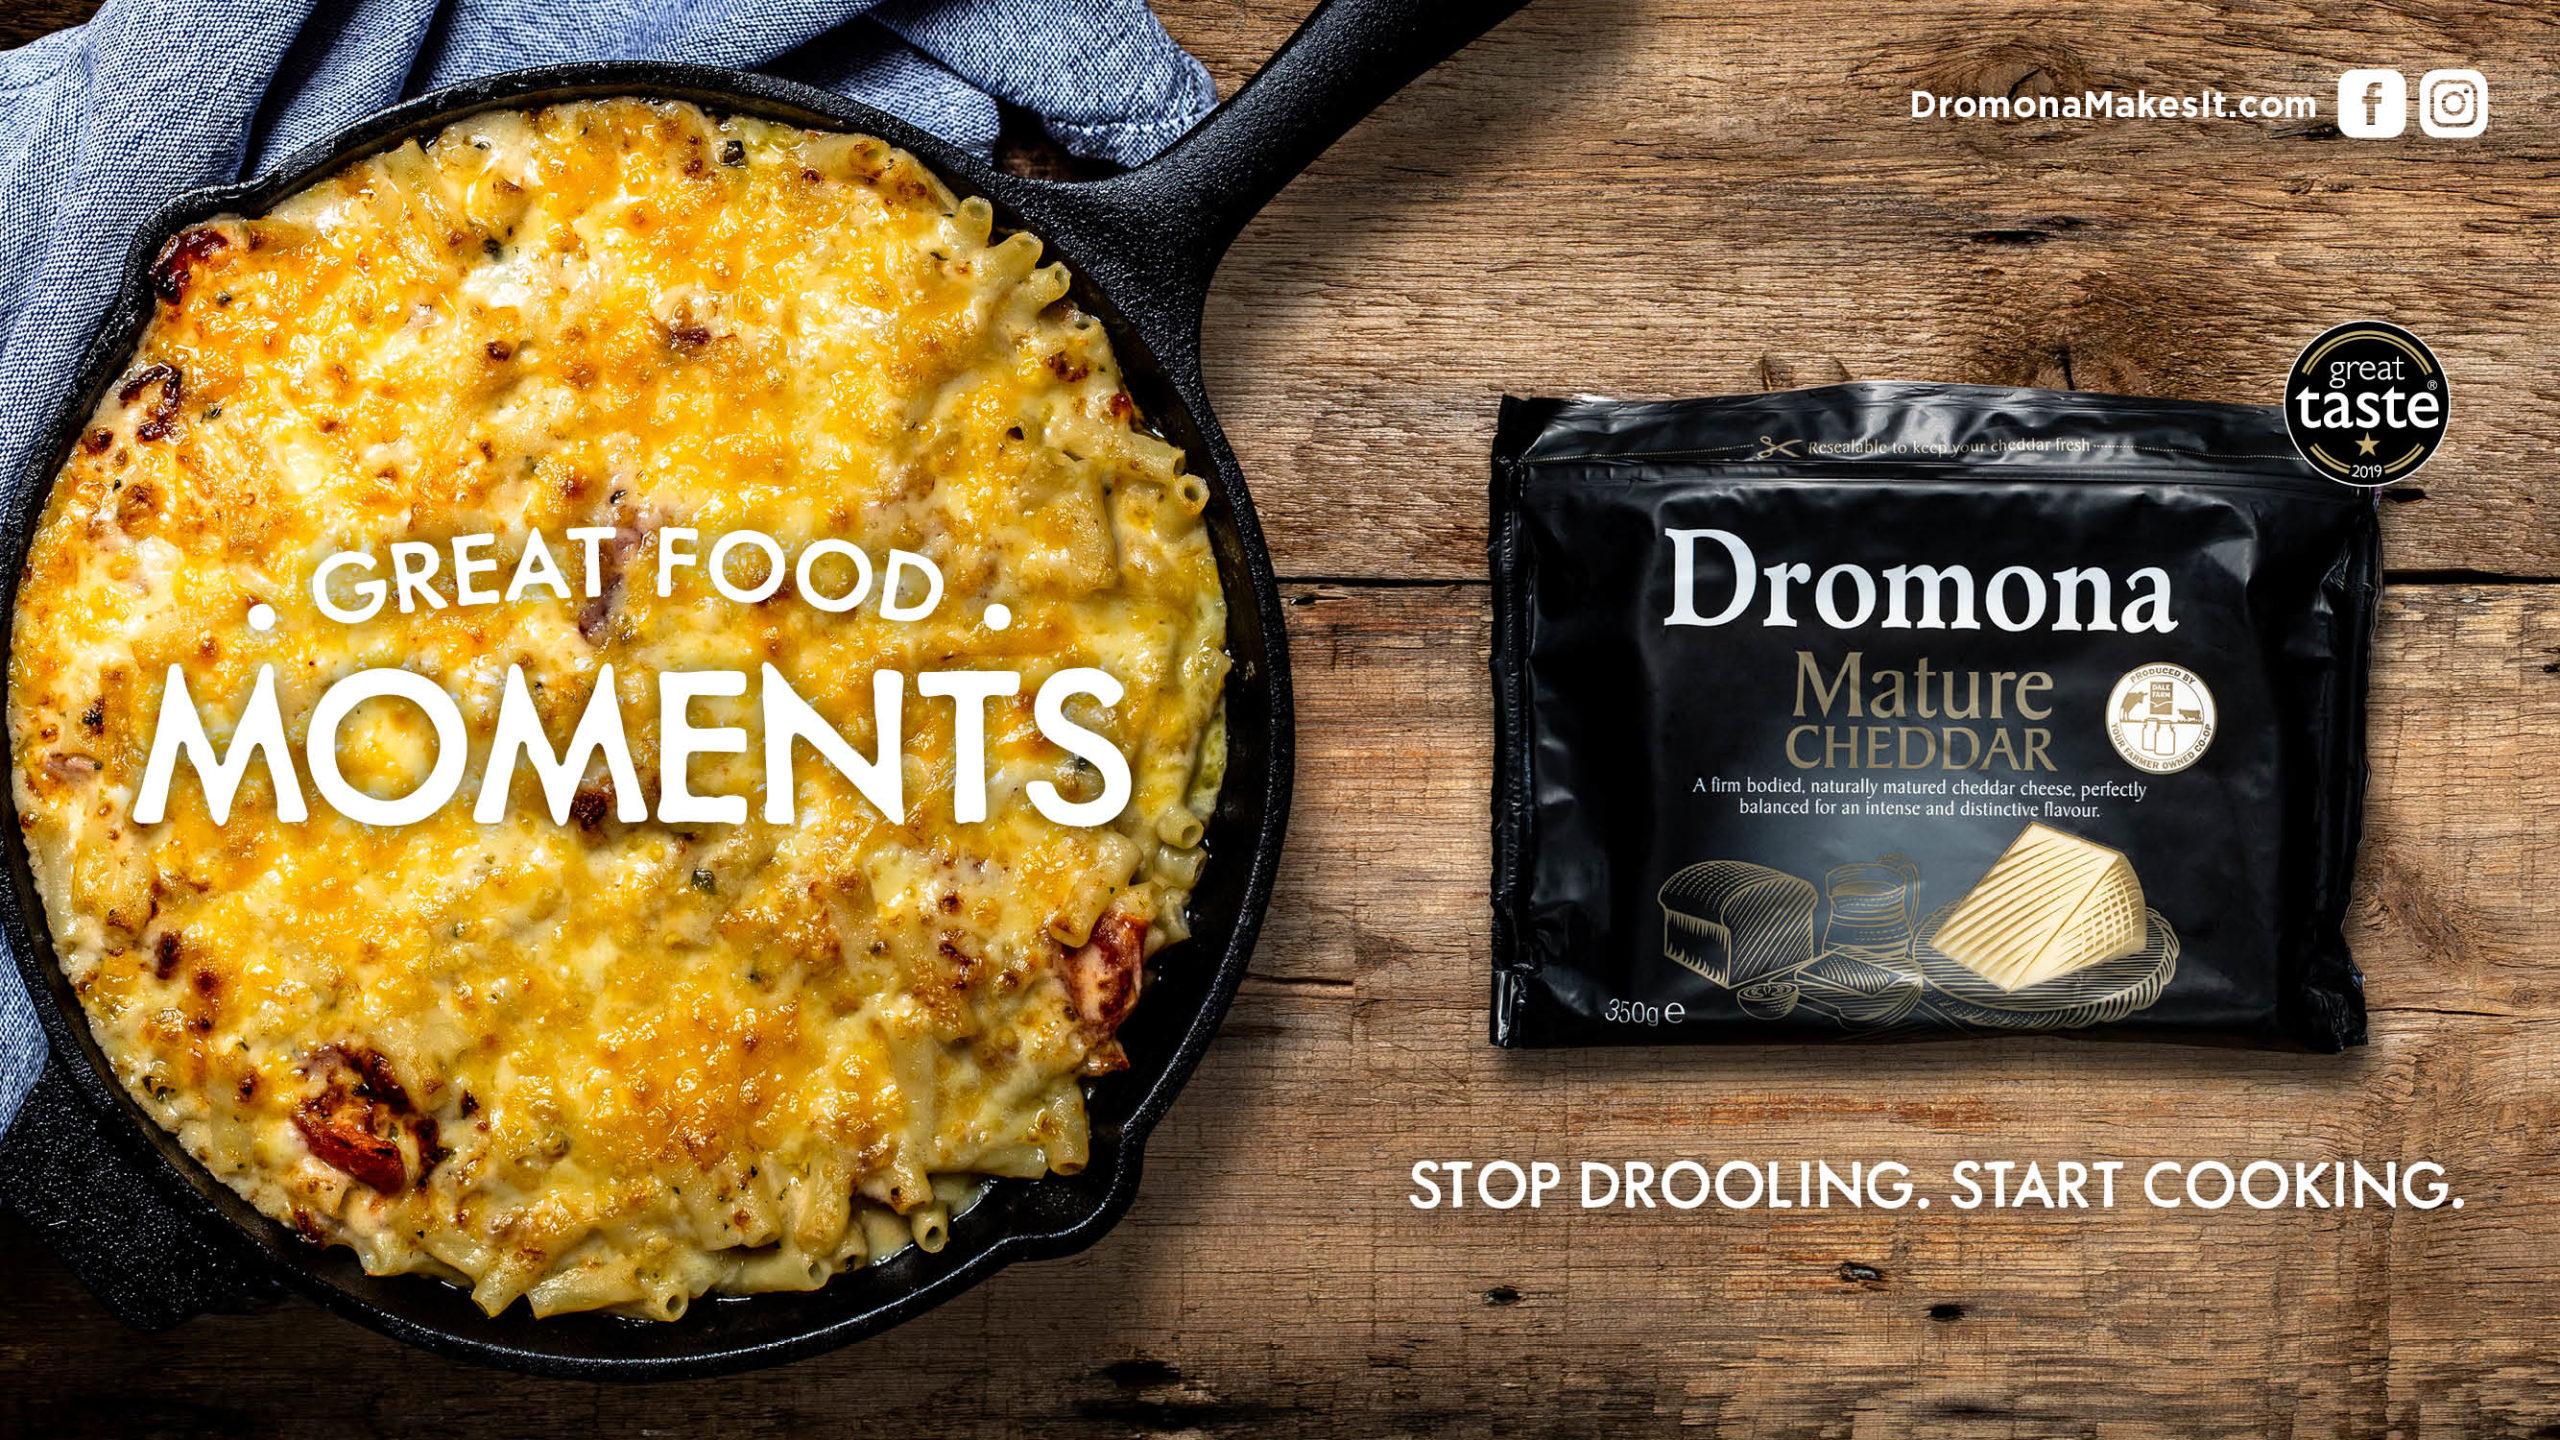 Dromona Great Food Moments Creative